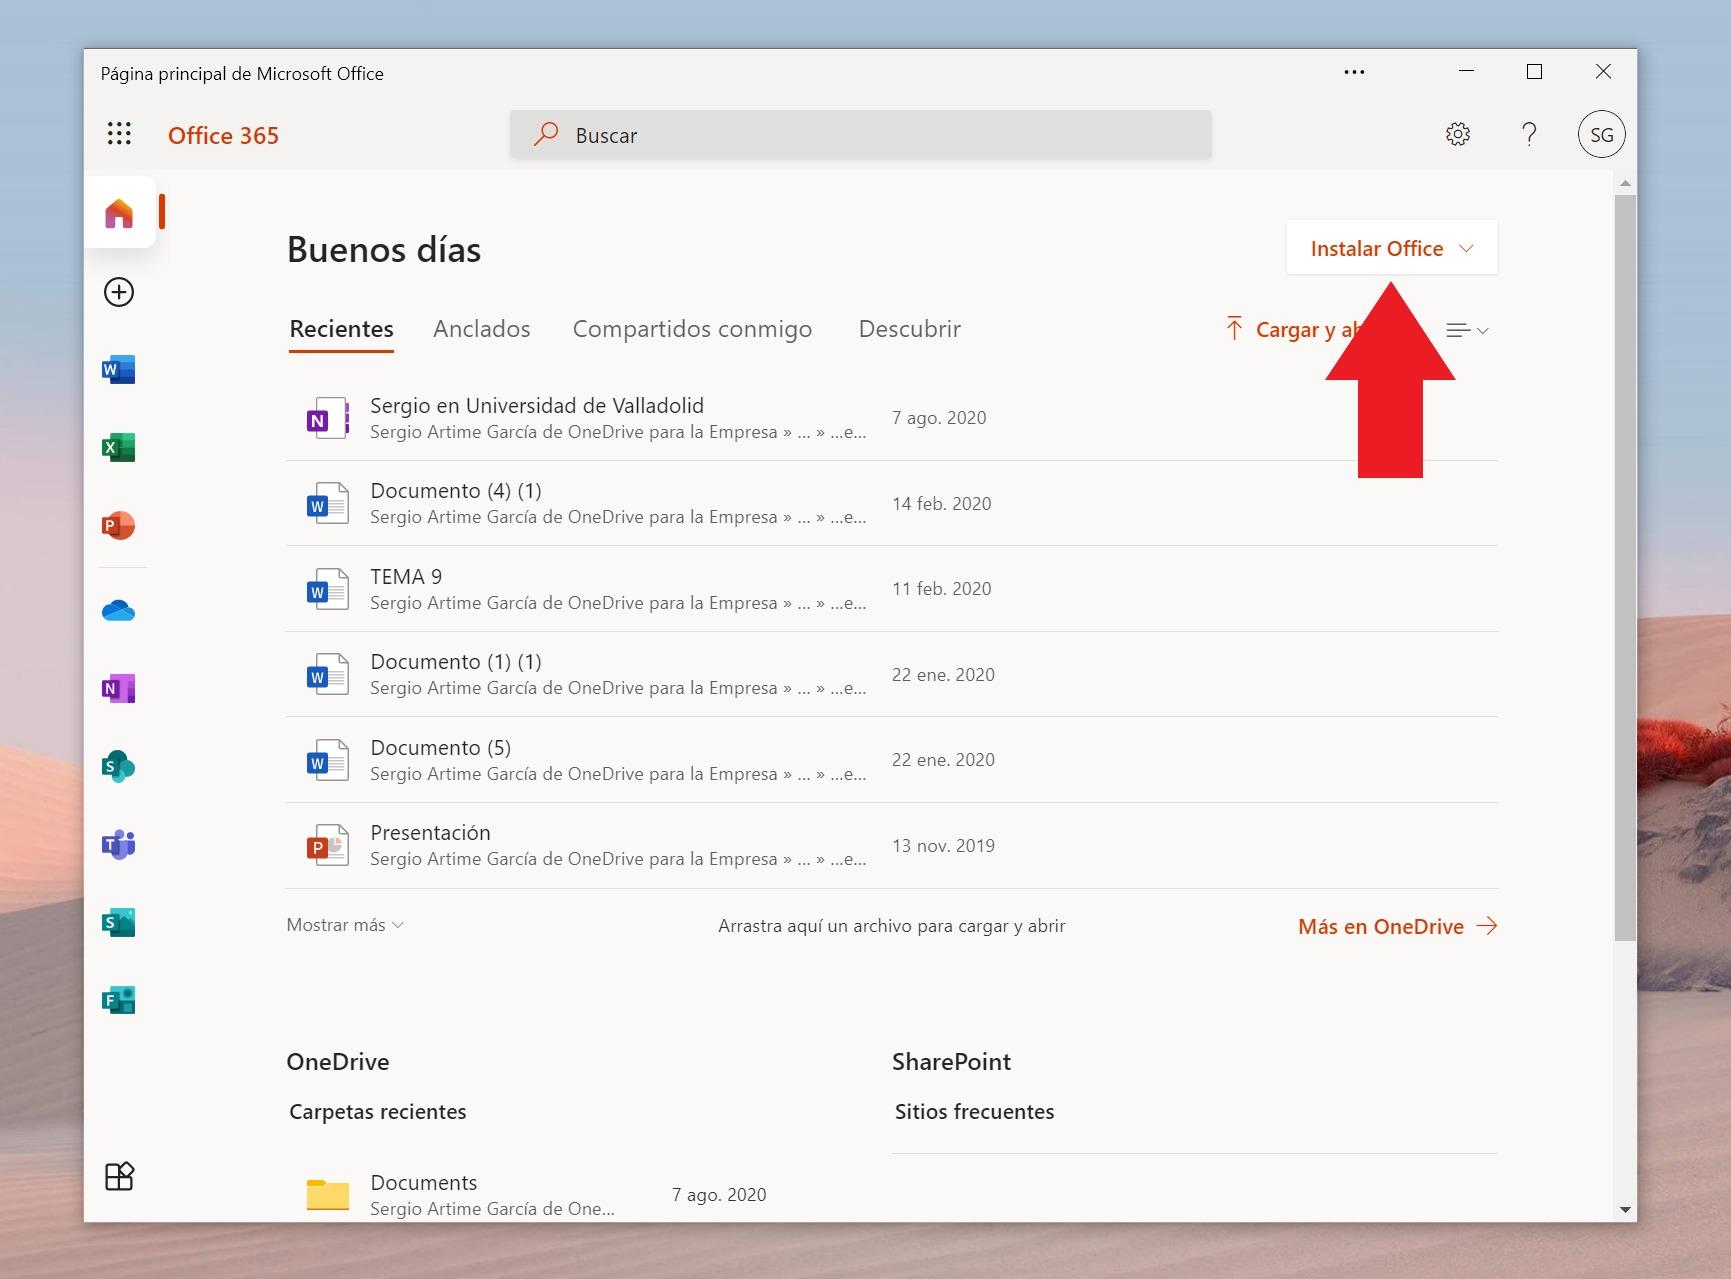 Sitio web de Office 365, desde el que podemos instalar Office de forma gratuita para centros educativos